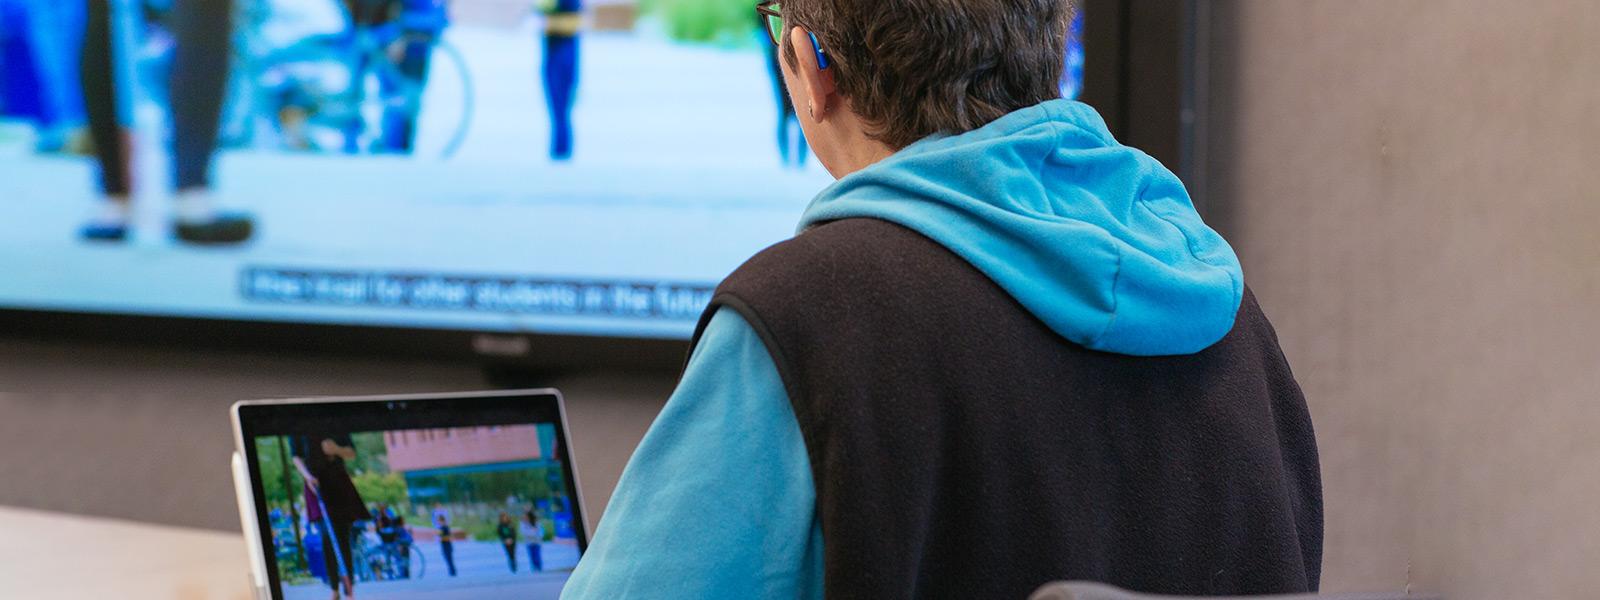 Sieviete ar dzirdes aparātu skatās video prezentāciju ar subtitriem